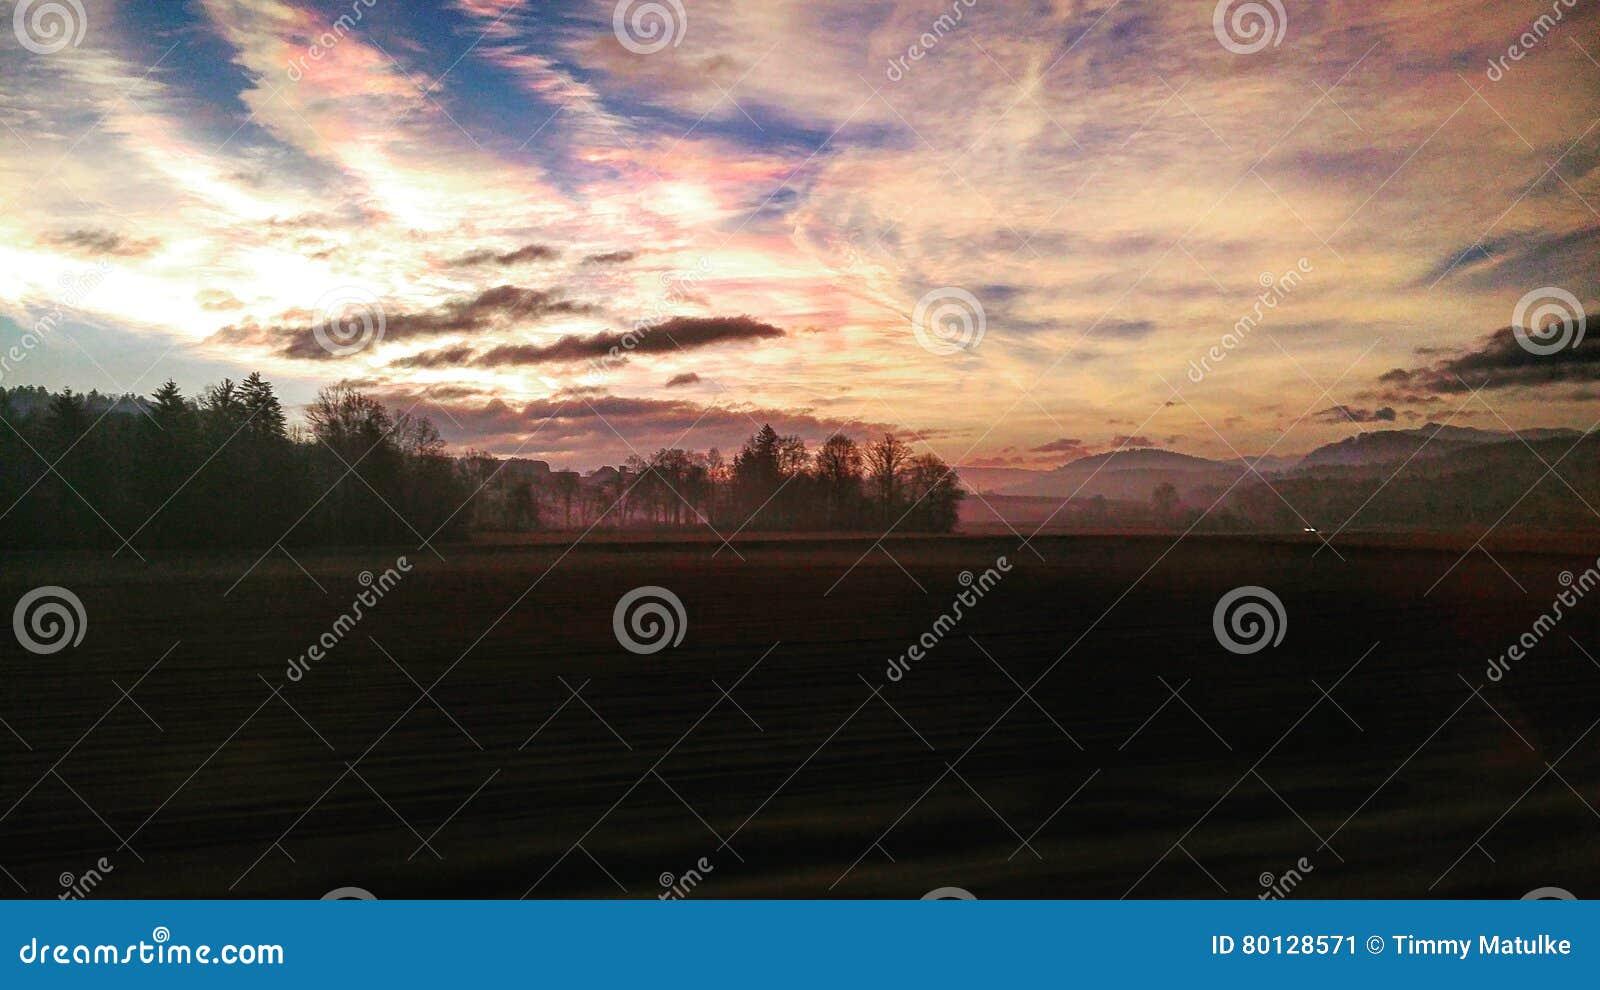 Cloudmagic